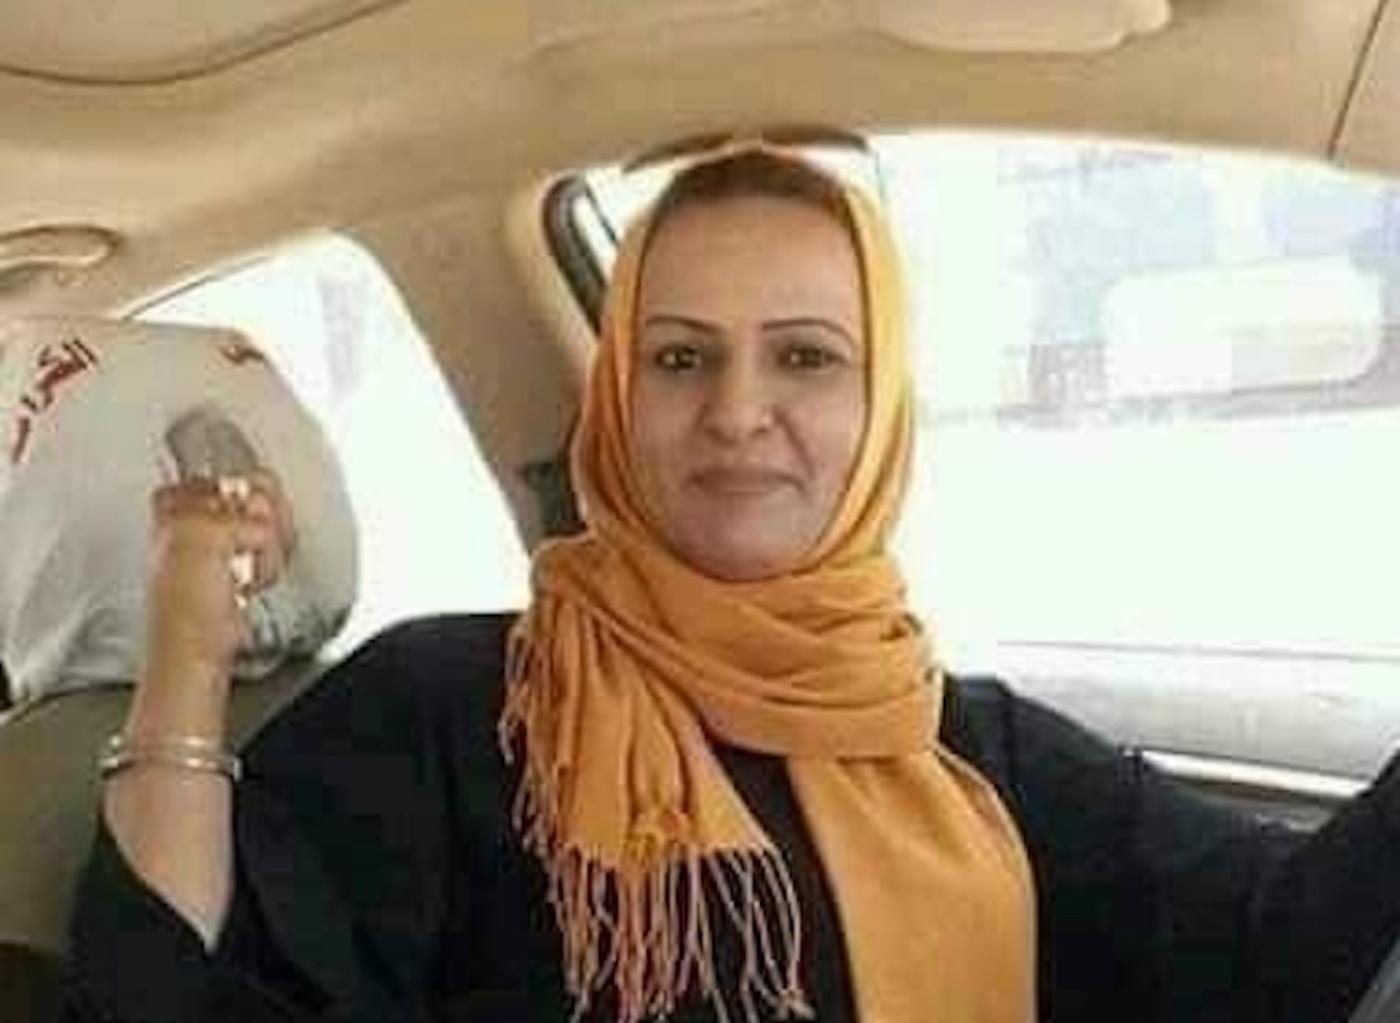 Corruption critic shot dead in Libya's Benghazi | Middle East Eye